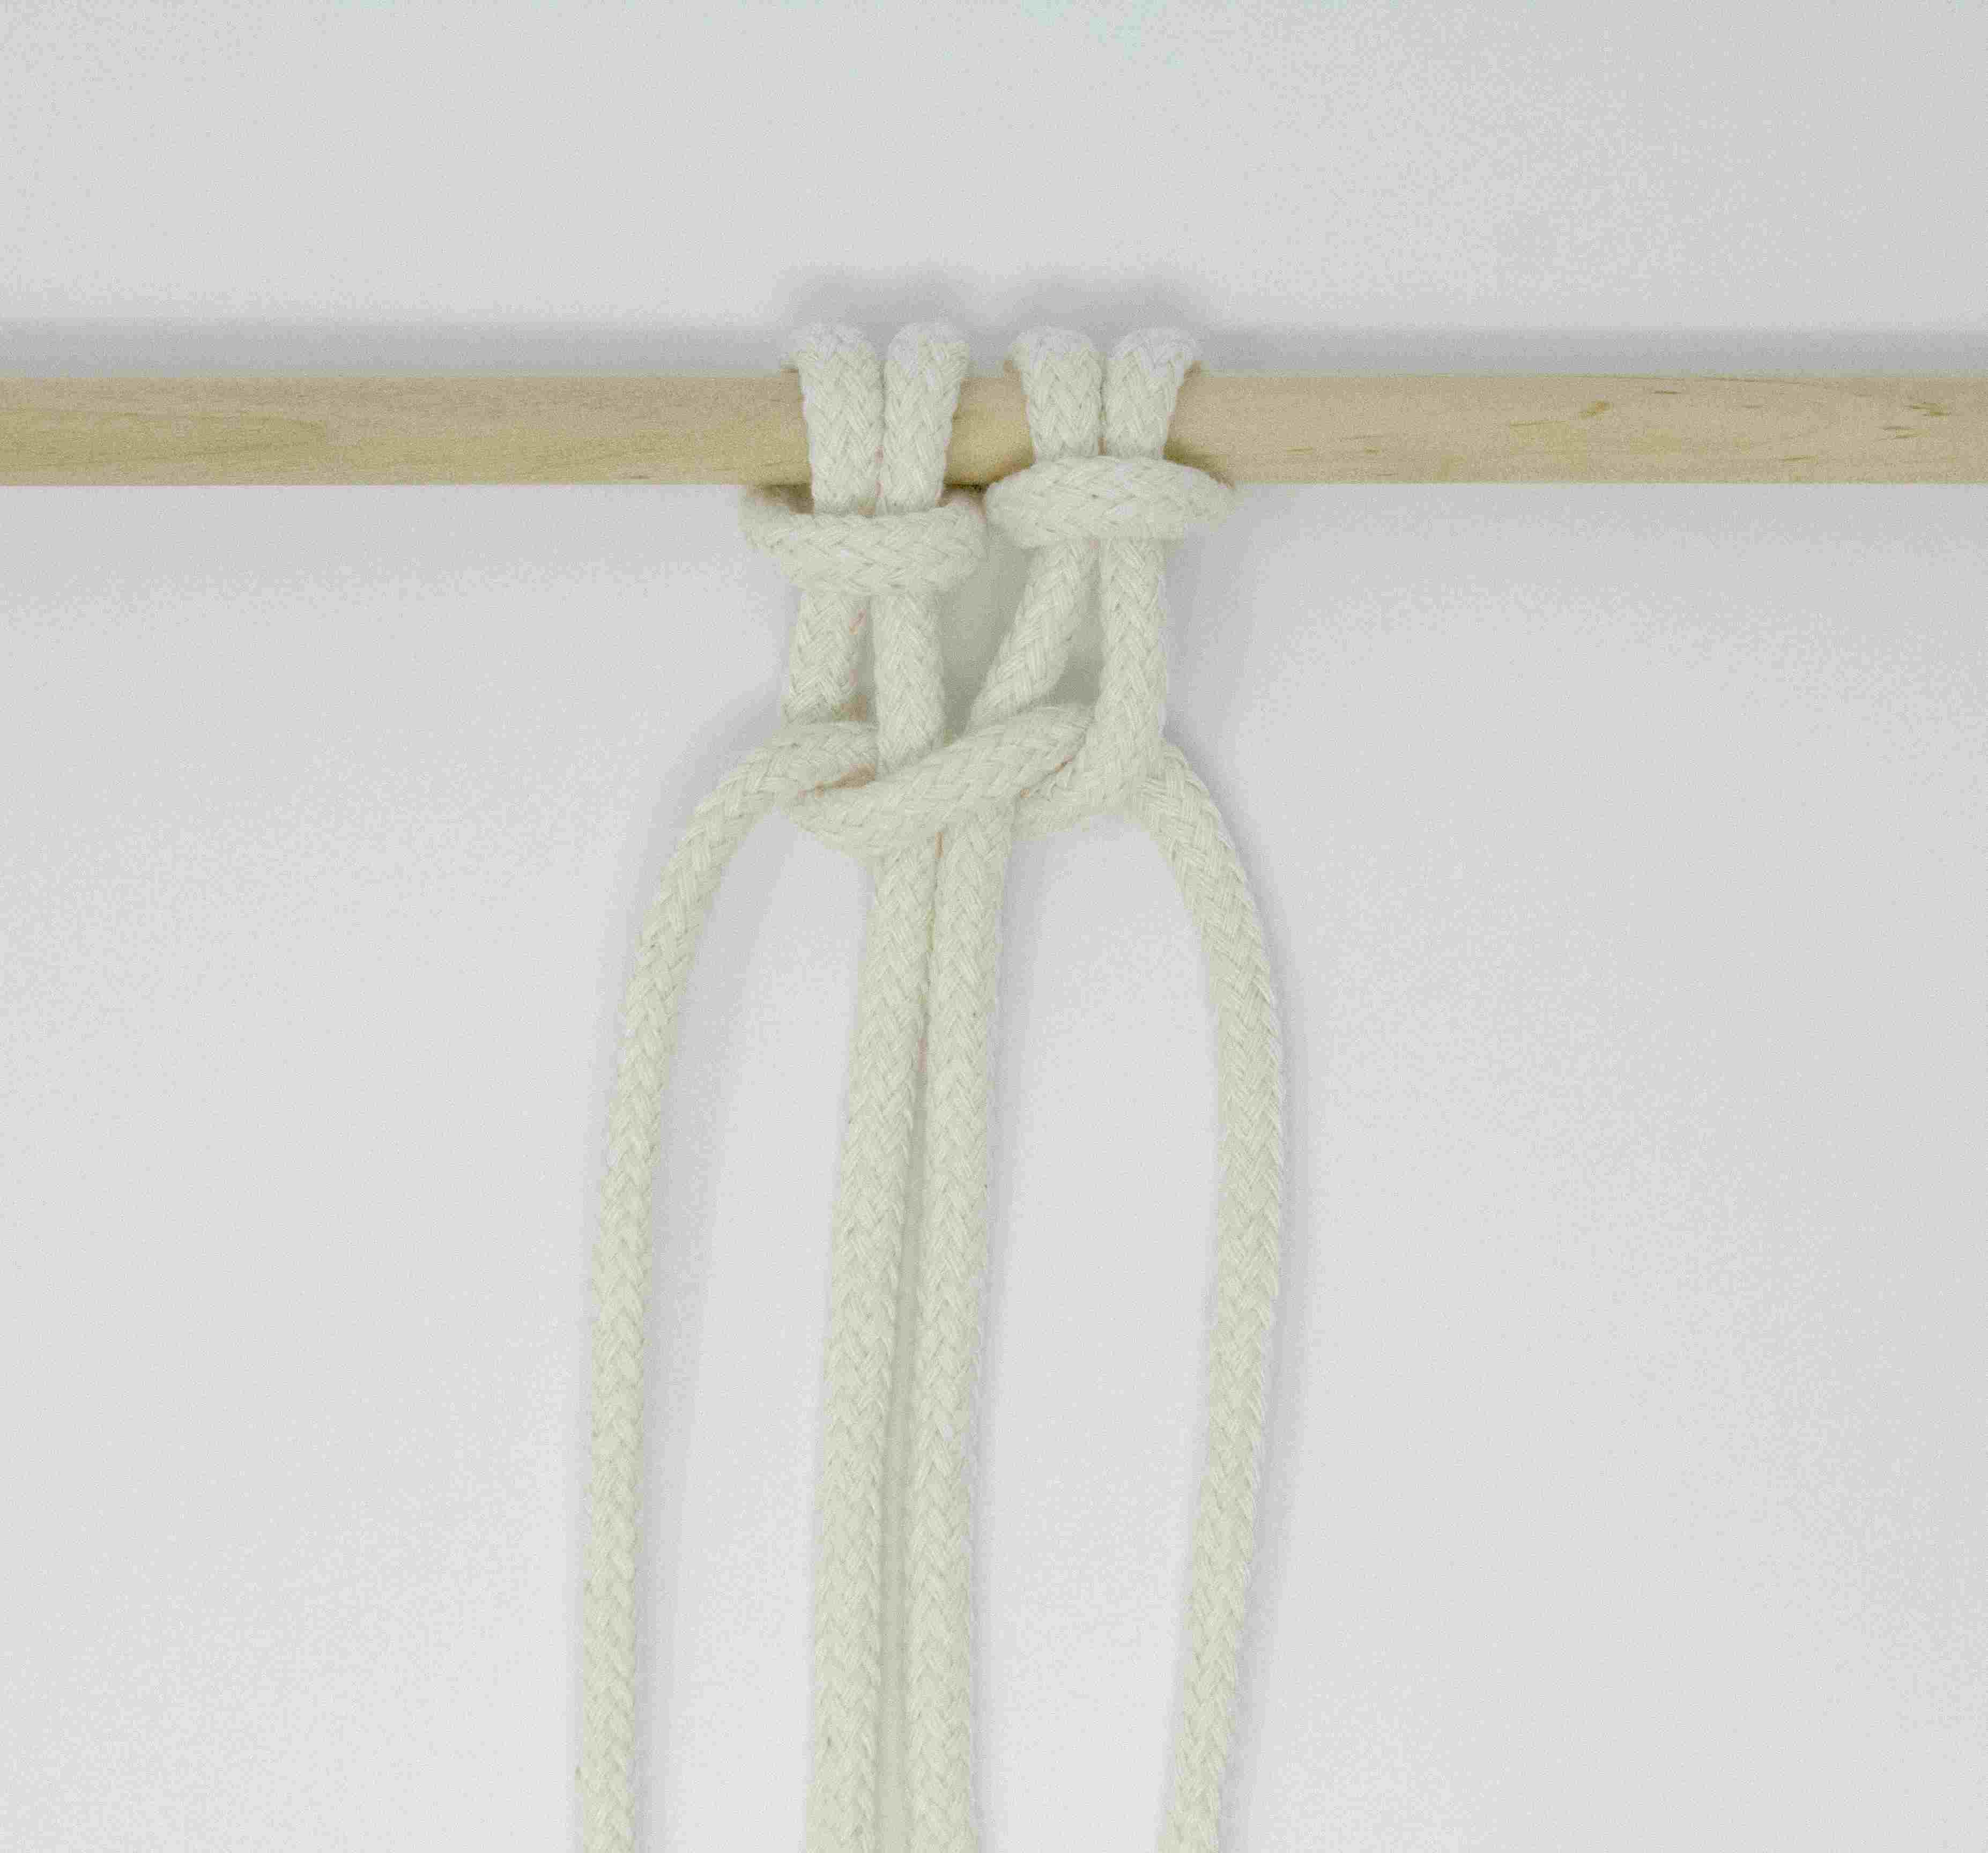 A half square knot